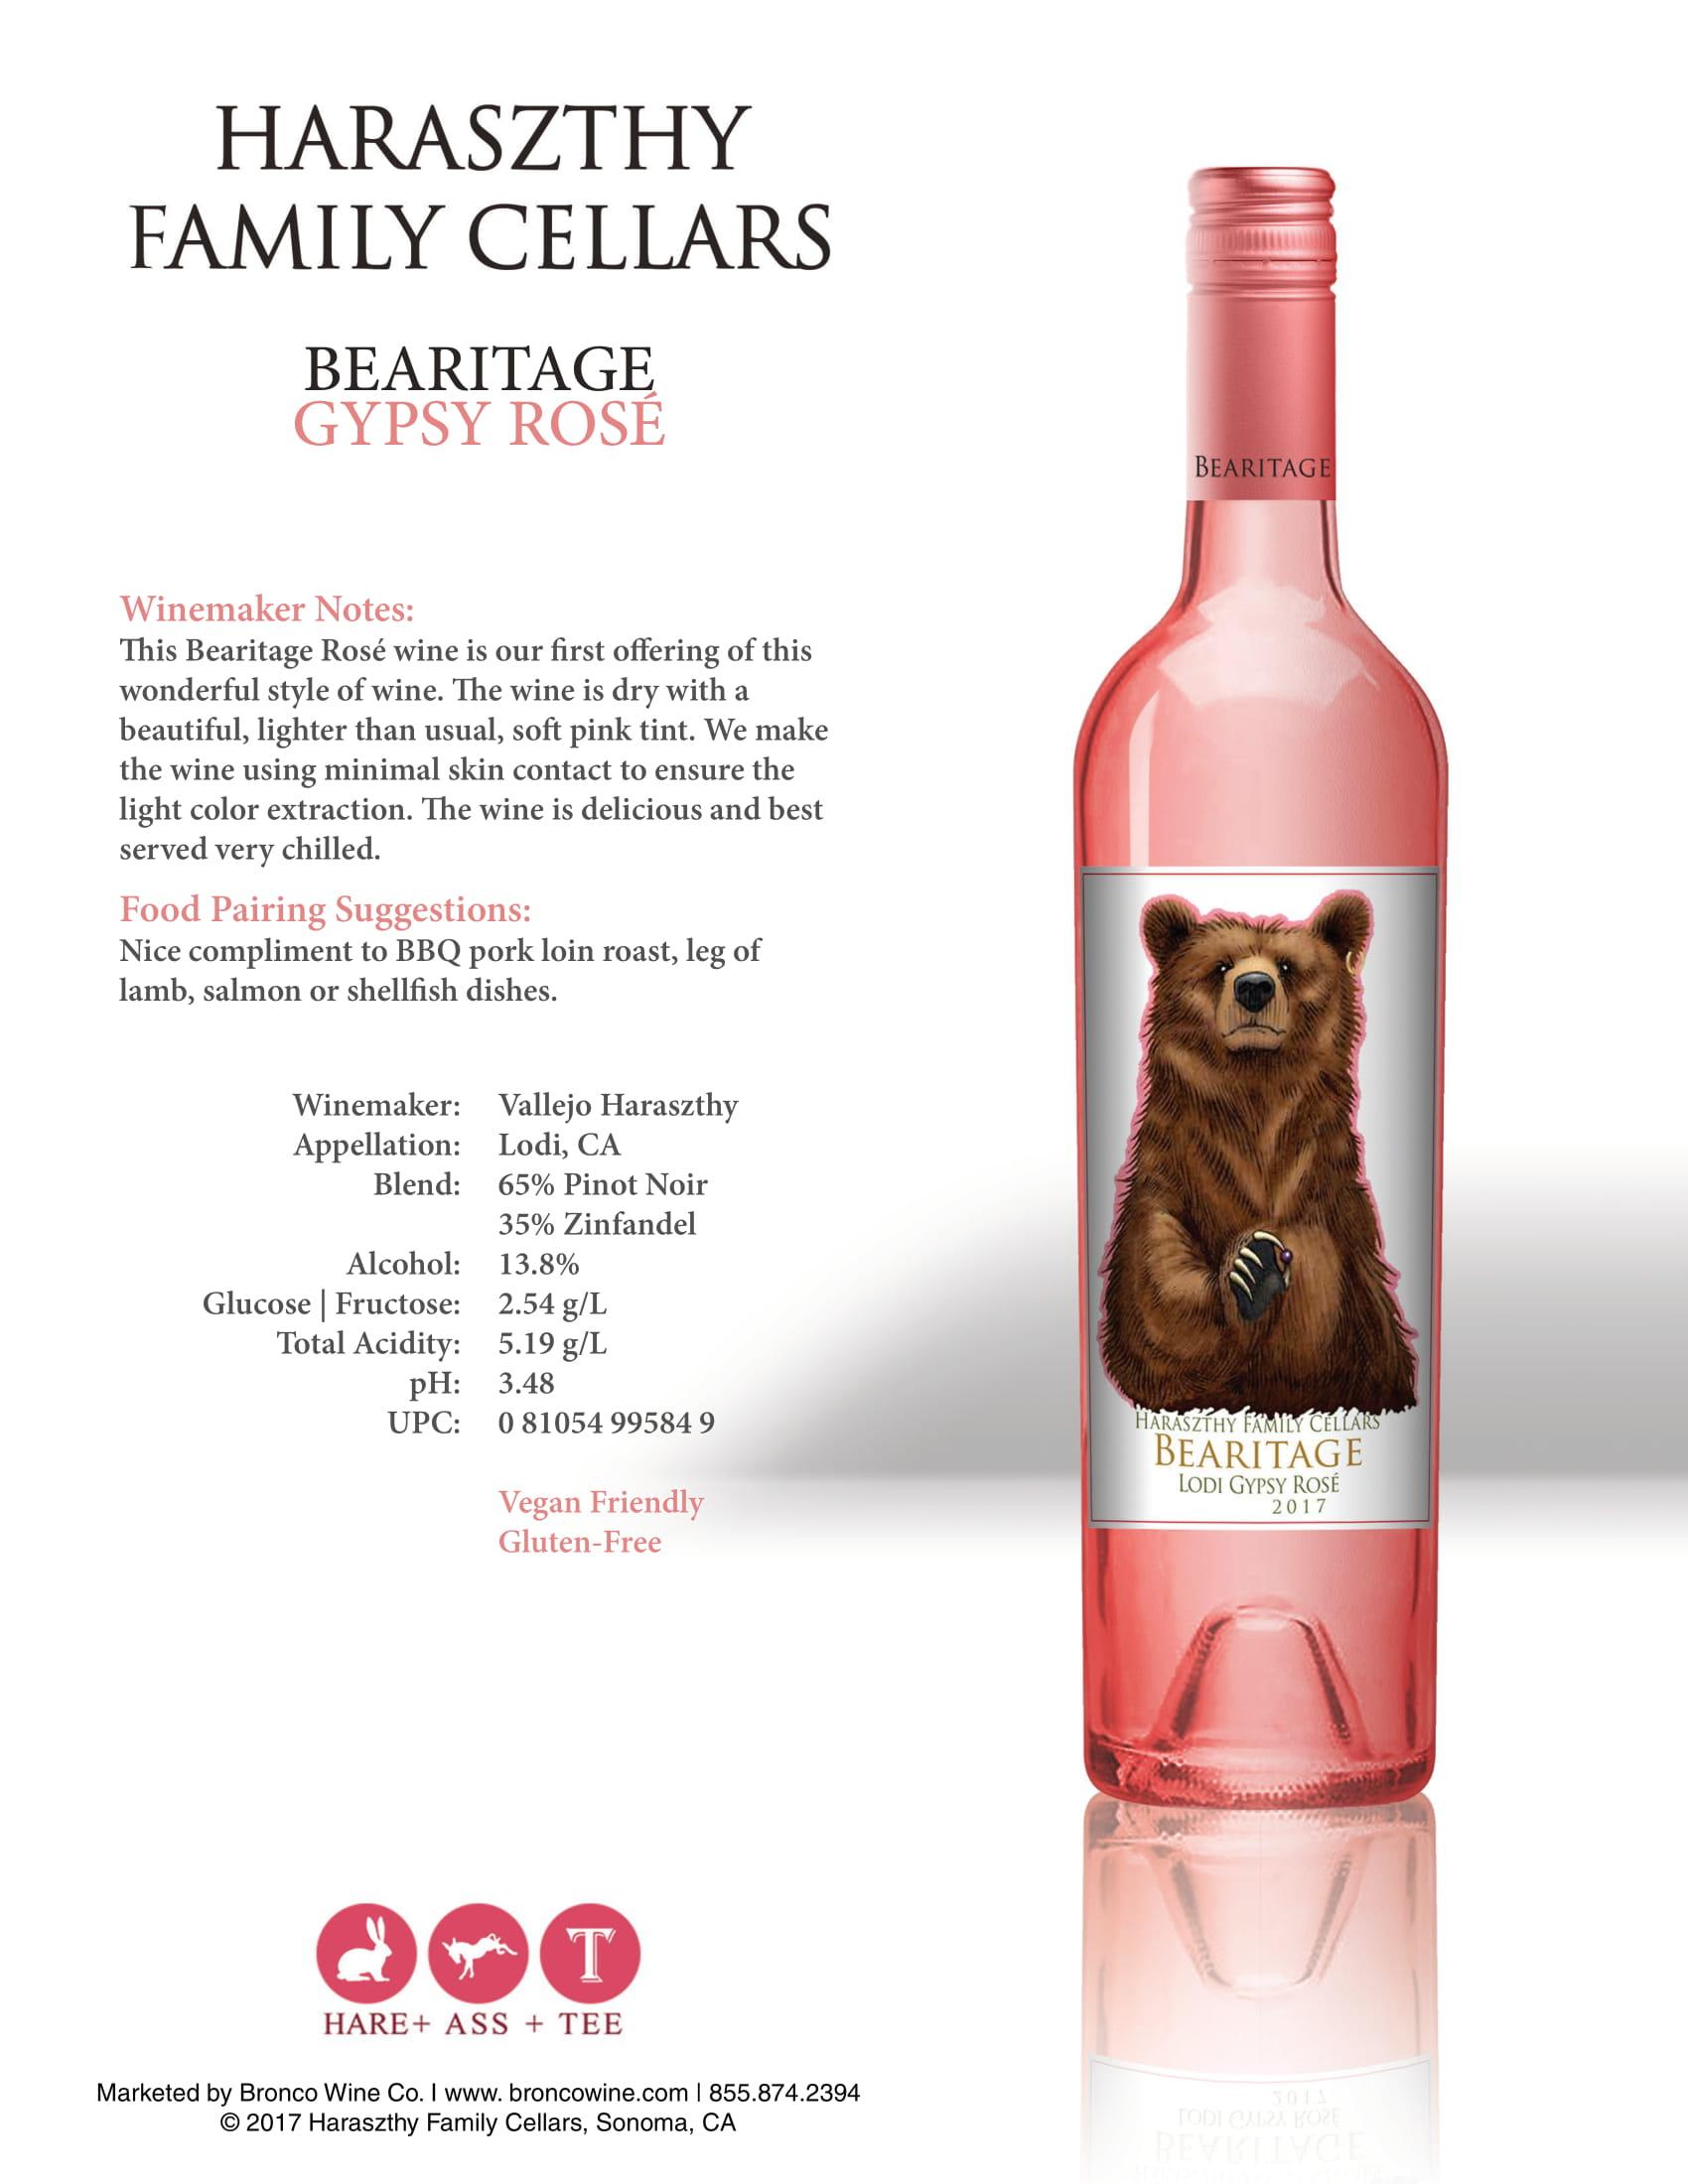 Haraszthy Bearitage Gypsy Rose Tech Sheet